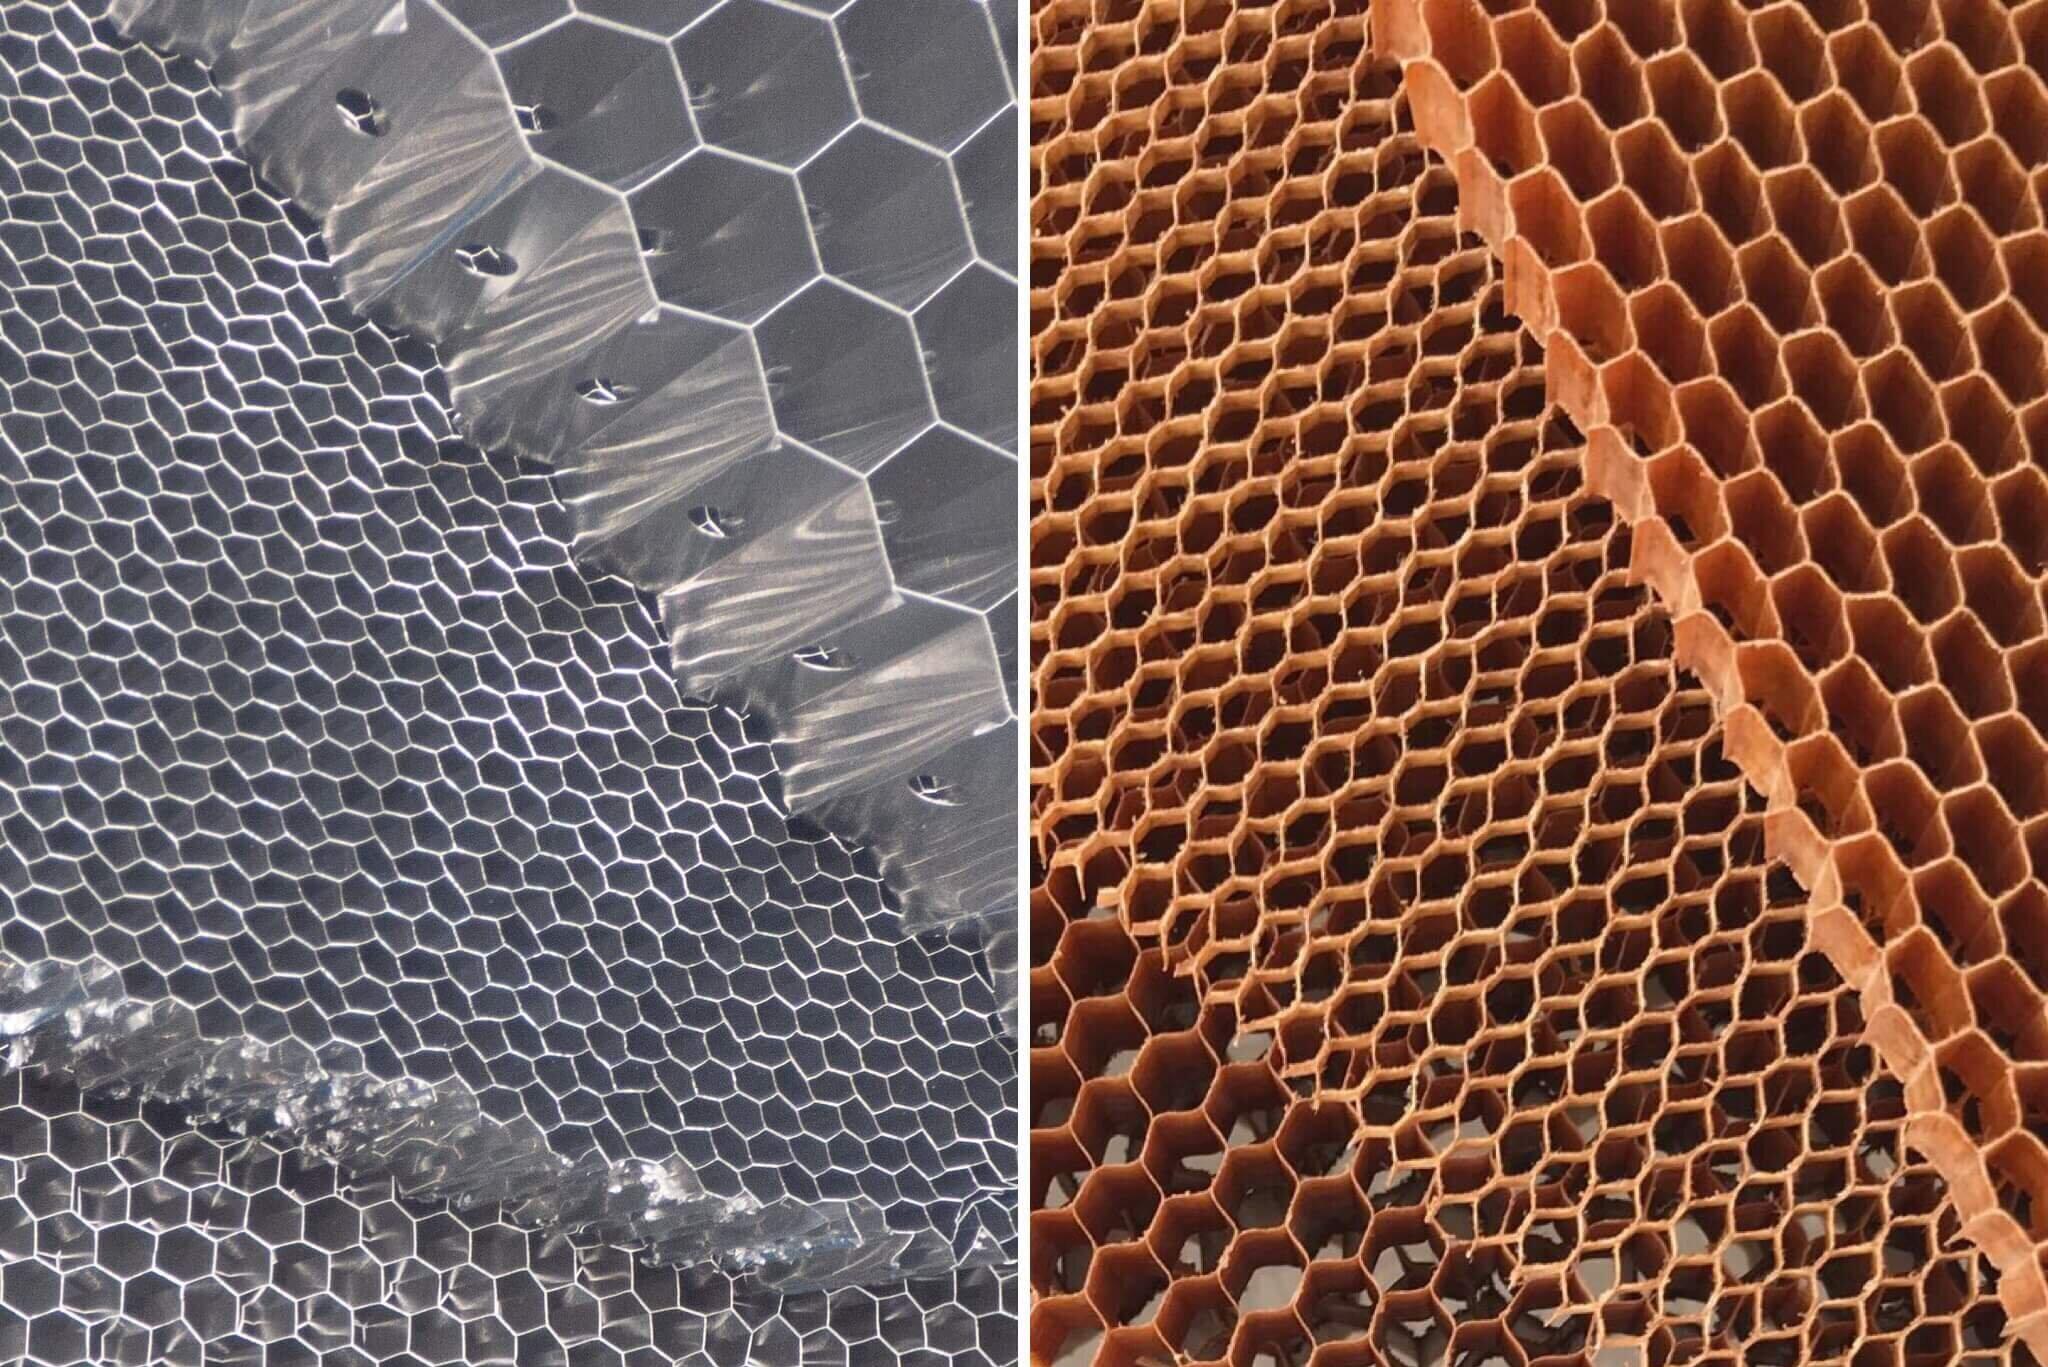 Aluminium honeycomb vs Nomex